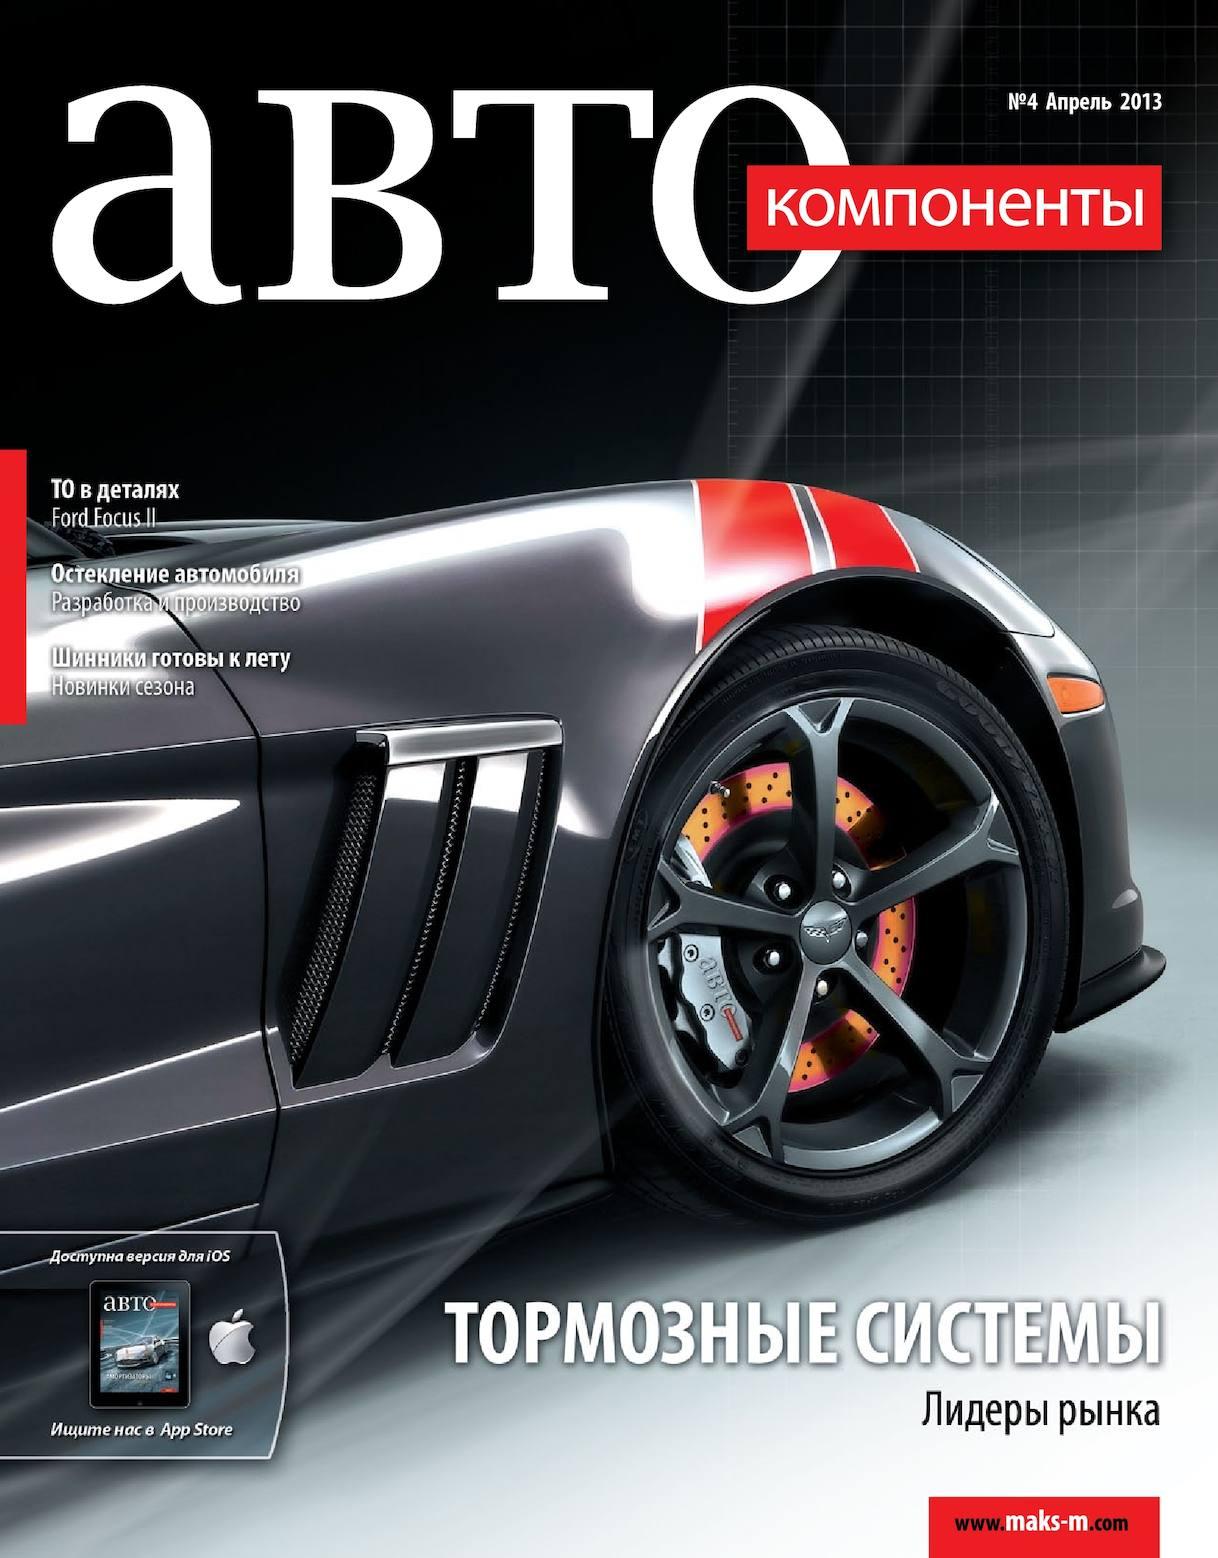 За первые 7 месяцев 2010 года АвтоВАЗ увеличил продажи на 28,4